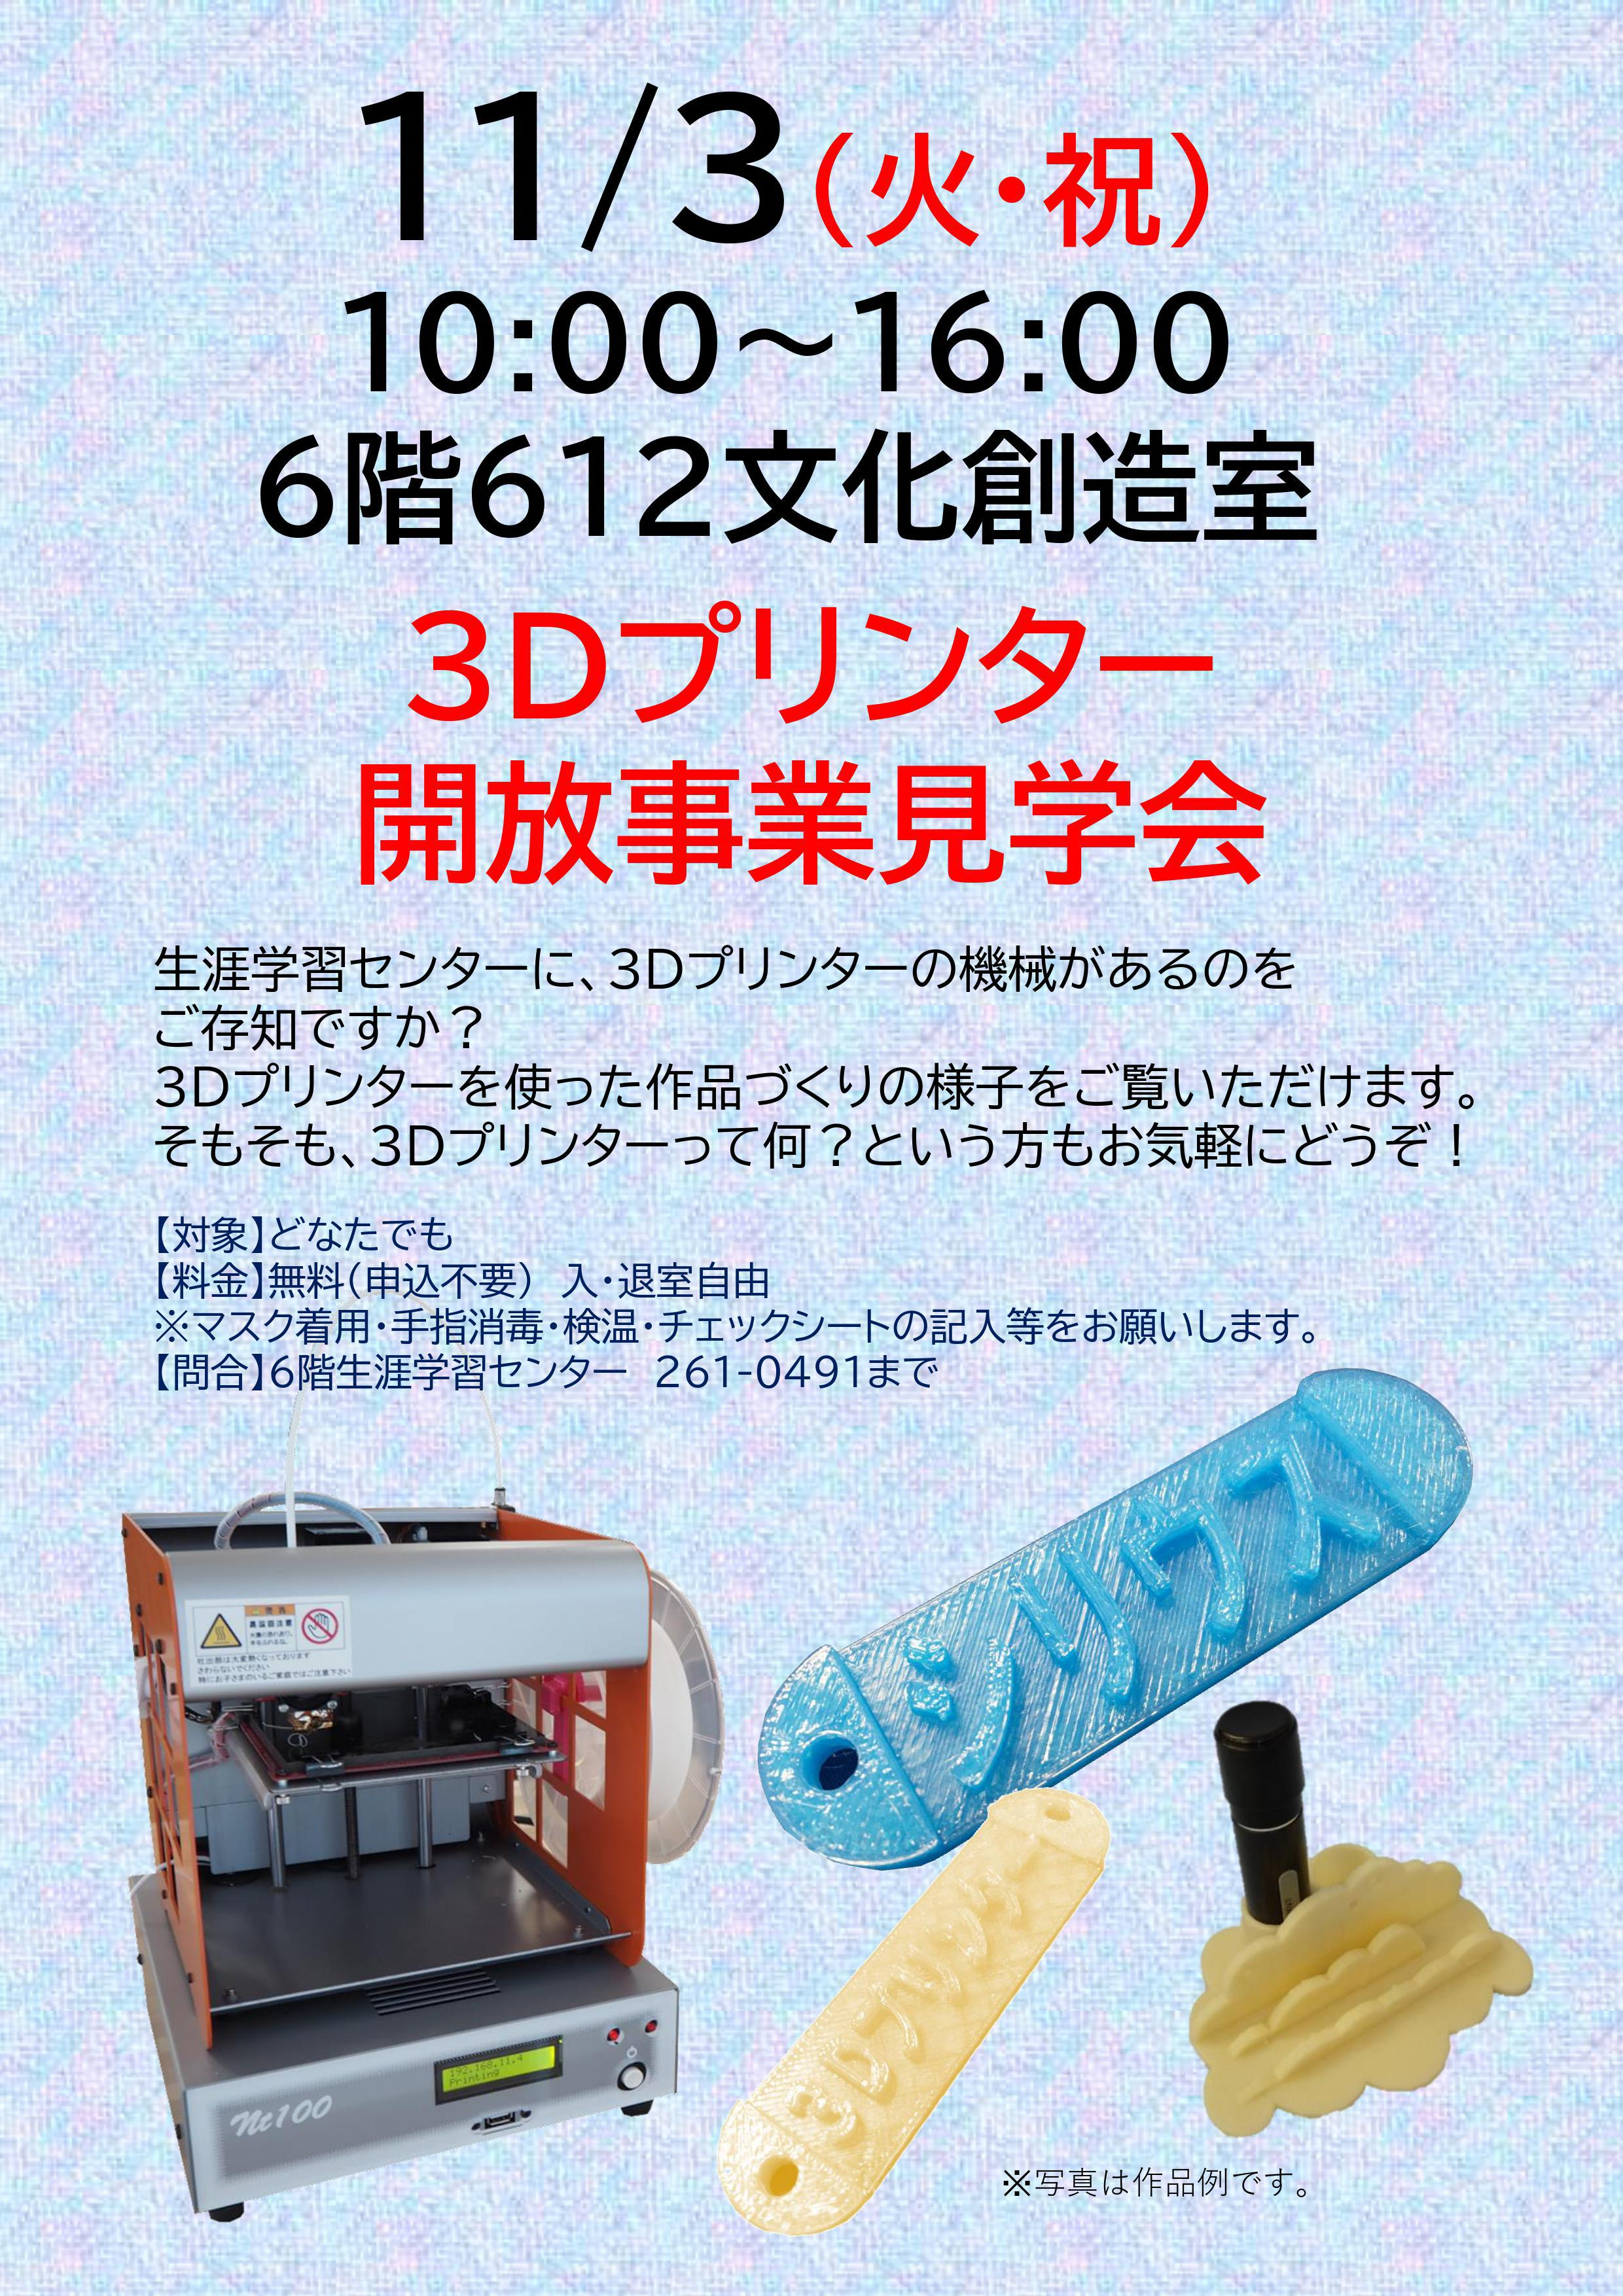 <やまとみらいまつり>3Dプリンター開放事業見学会